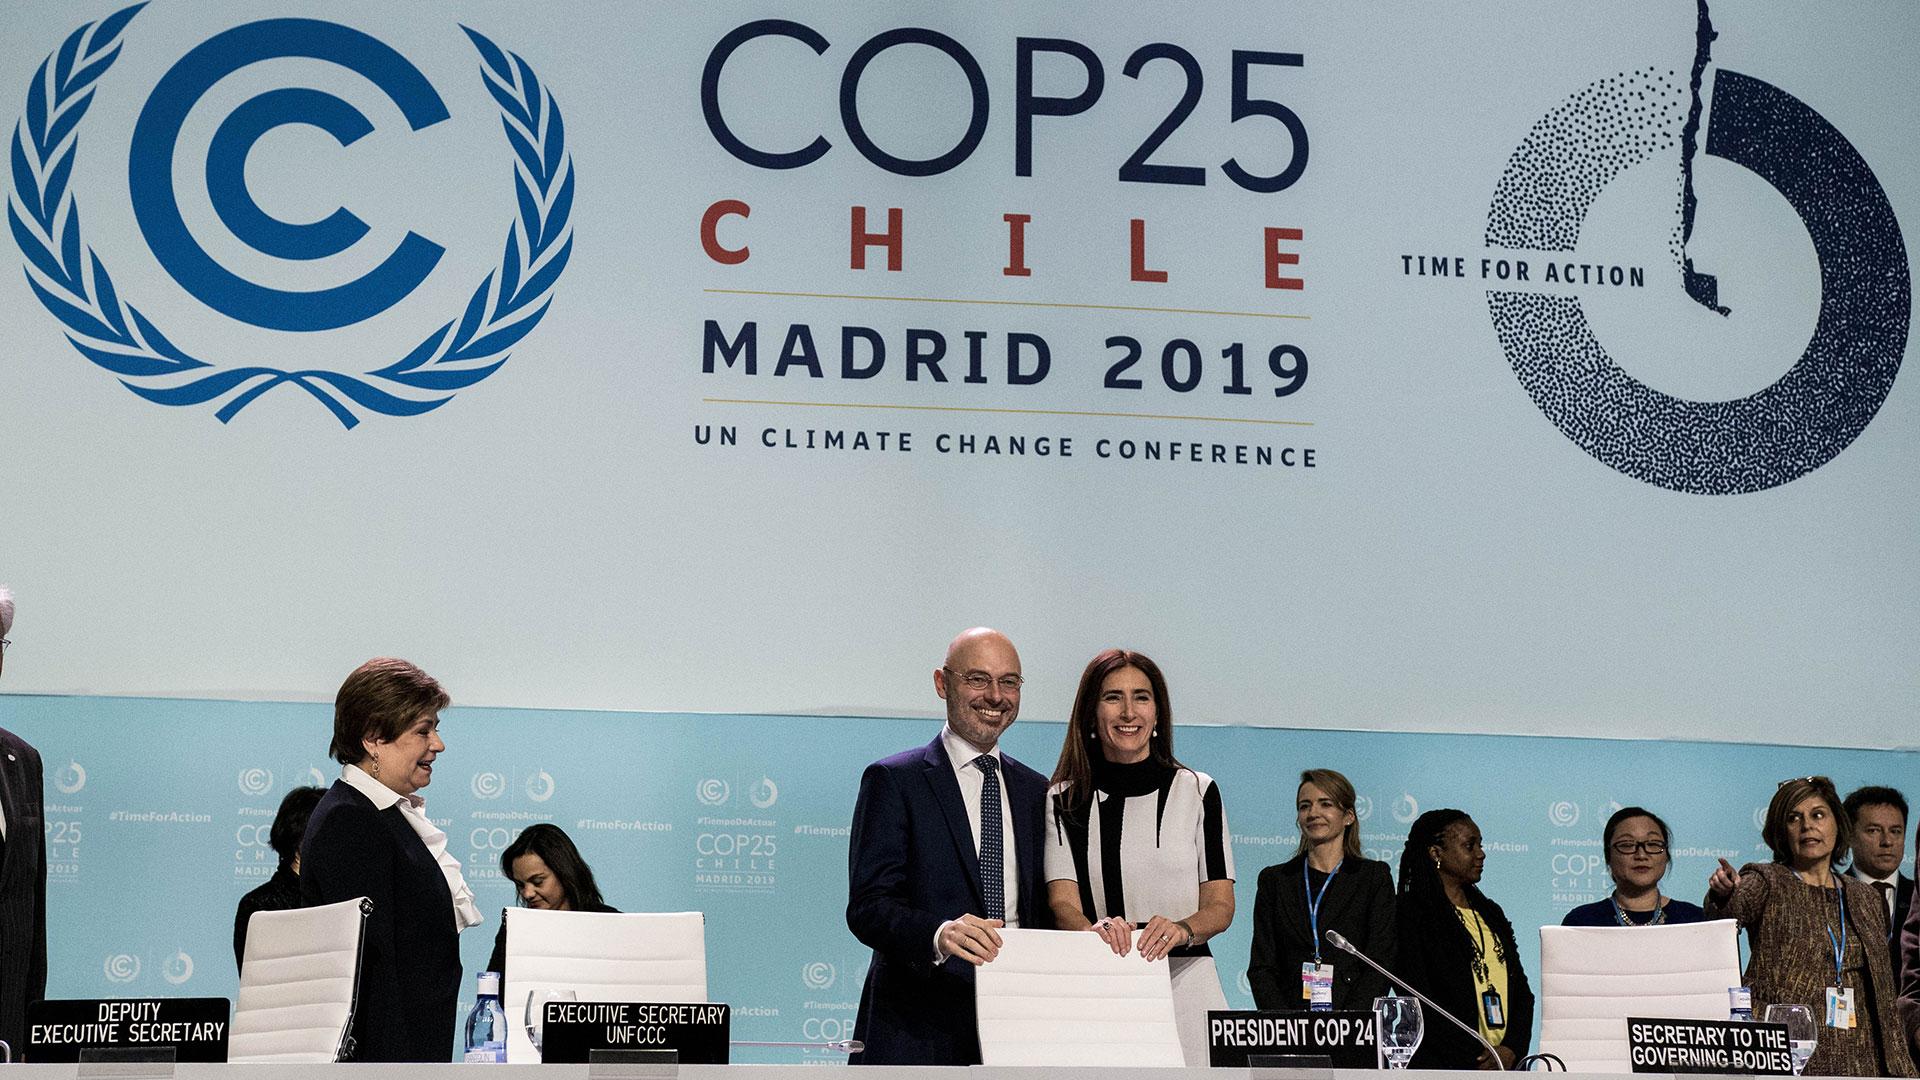 Die COP25 wurde aufgrund der Unruhen in Chile nach Madrid verlegt. © picture alliance / Photoshot